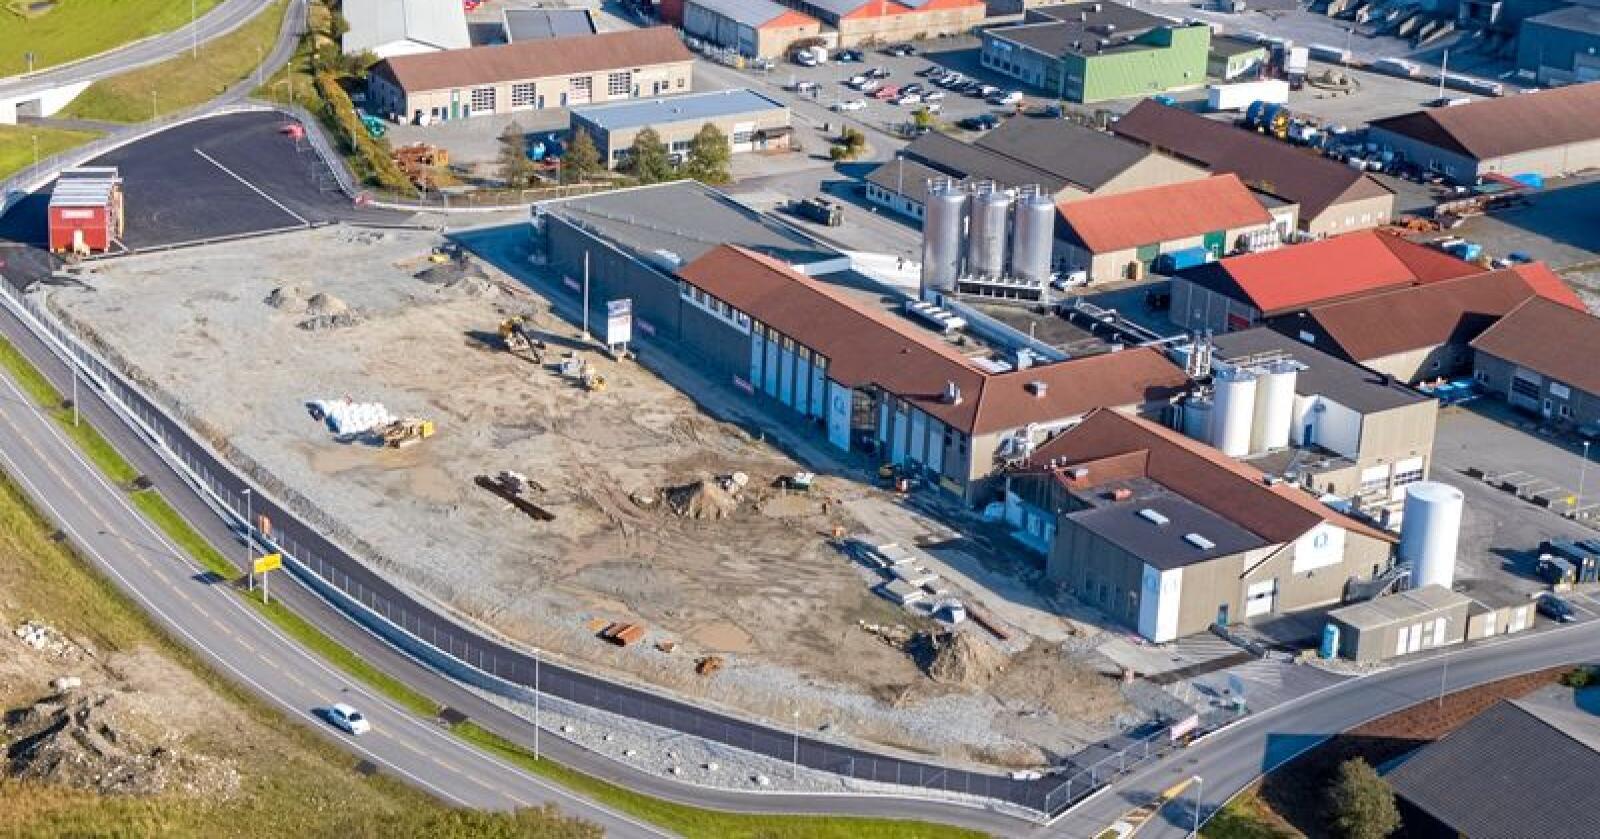 Utvidar: Q-meieriene investerer 700 millionar kroner og utvidar meieriet i Klepp på Jæren med 9000 kvadratmeter til totalt 12.800 kvadratmeter. Målet er å auke frå 120 til 145 millionar liter mjølk i 2025. Foto: Glenn Sørlie